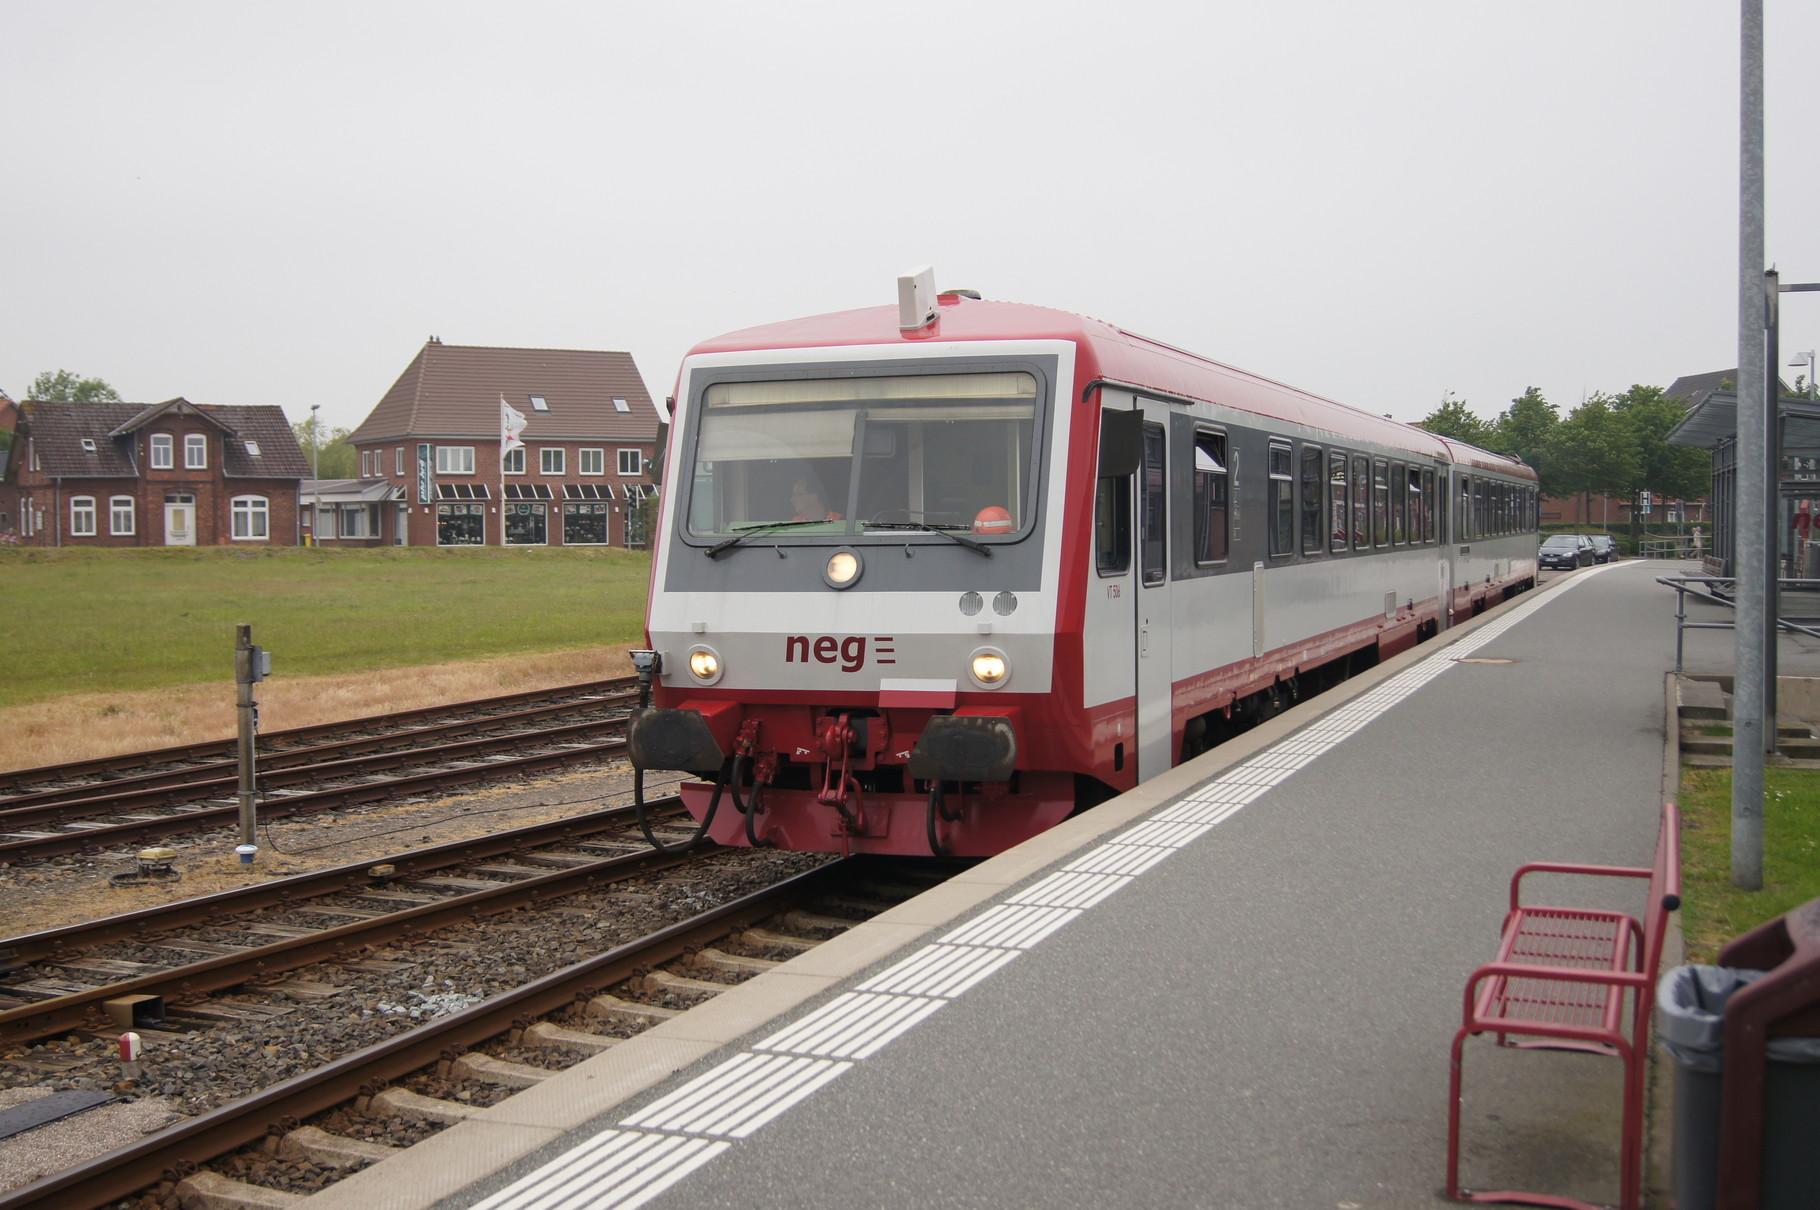 Ein Vt 71 der Norddeutschen Eisenbahngesellschaft im Bahnhof Niebüll.